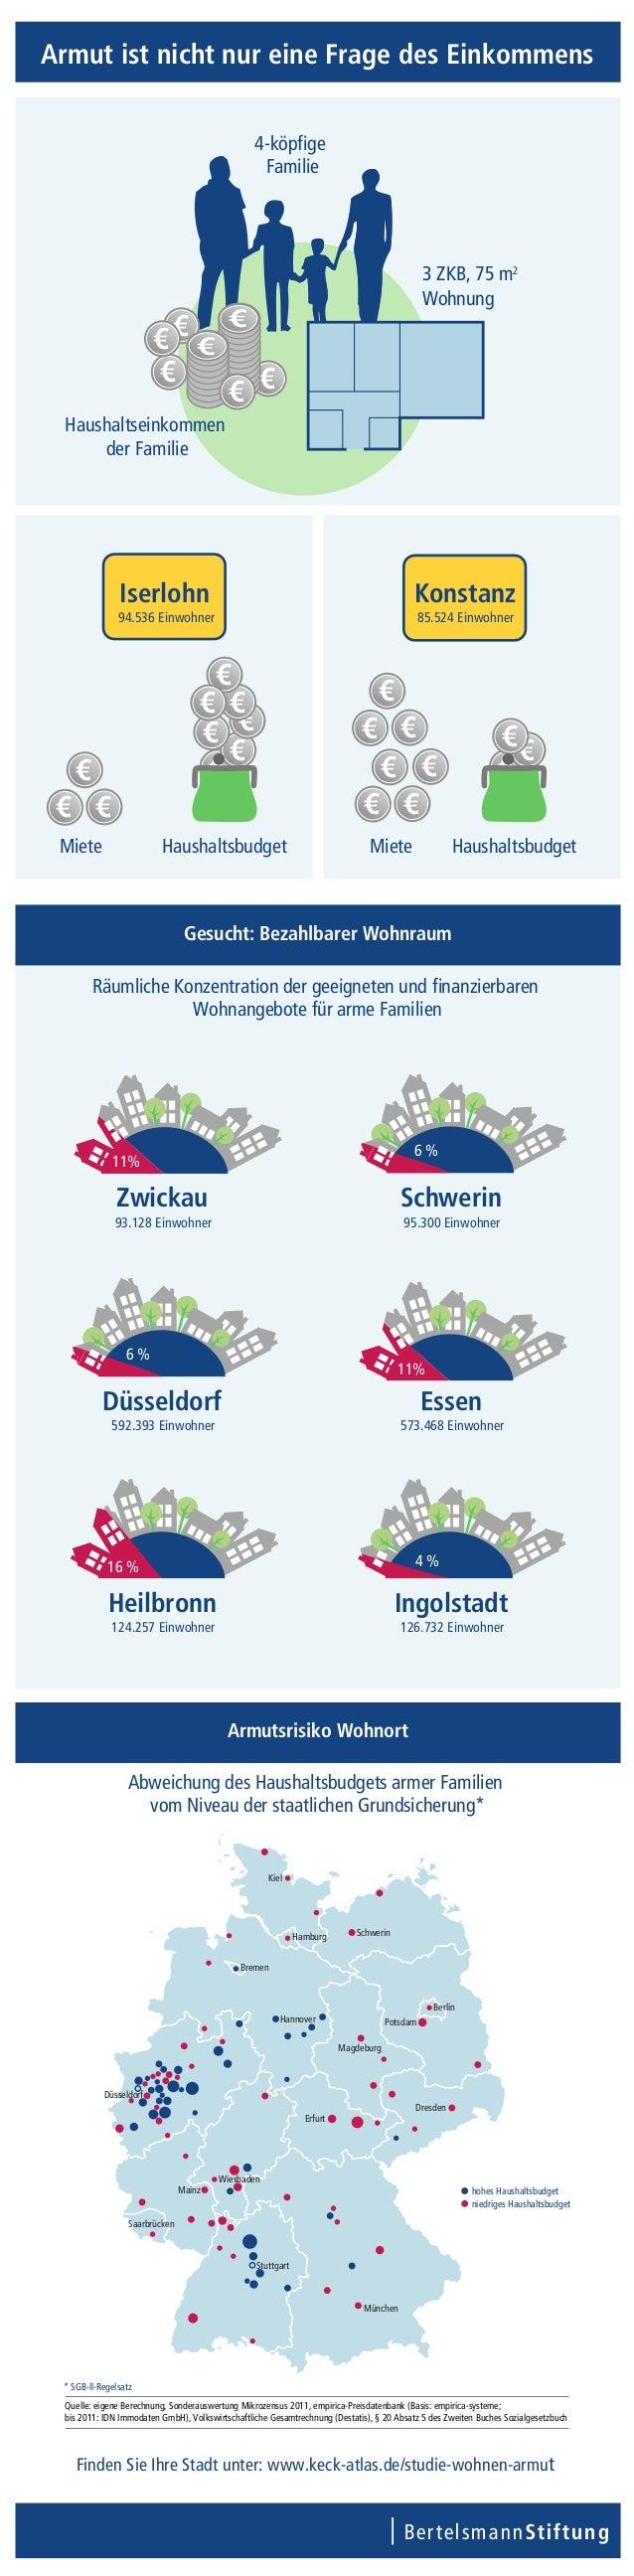 Infografik Studie Wohnen und Armut 2013